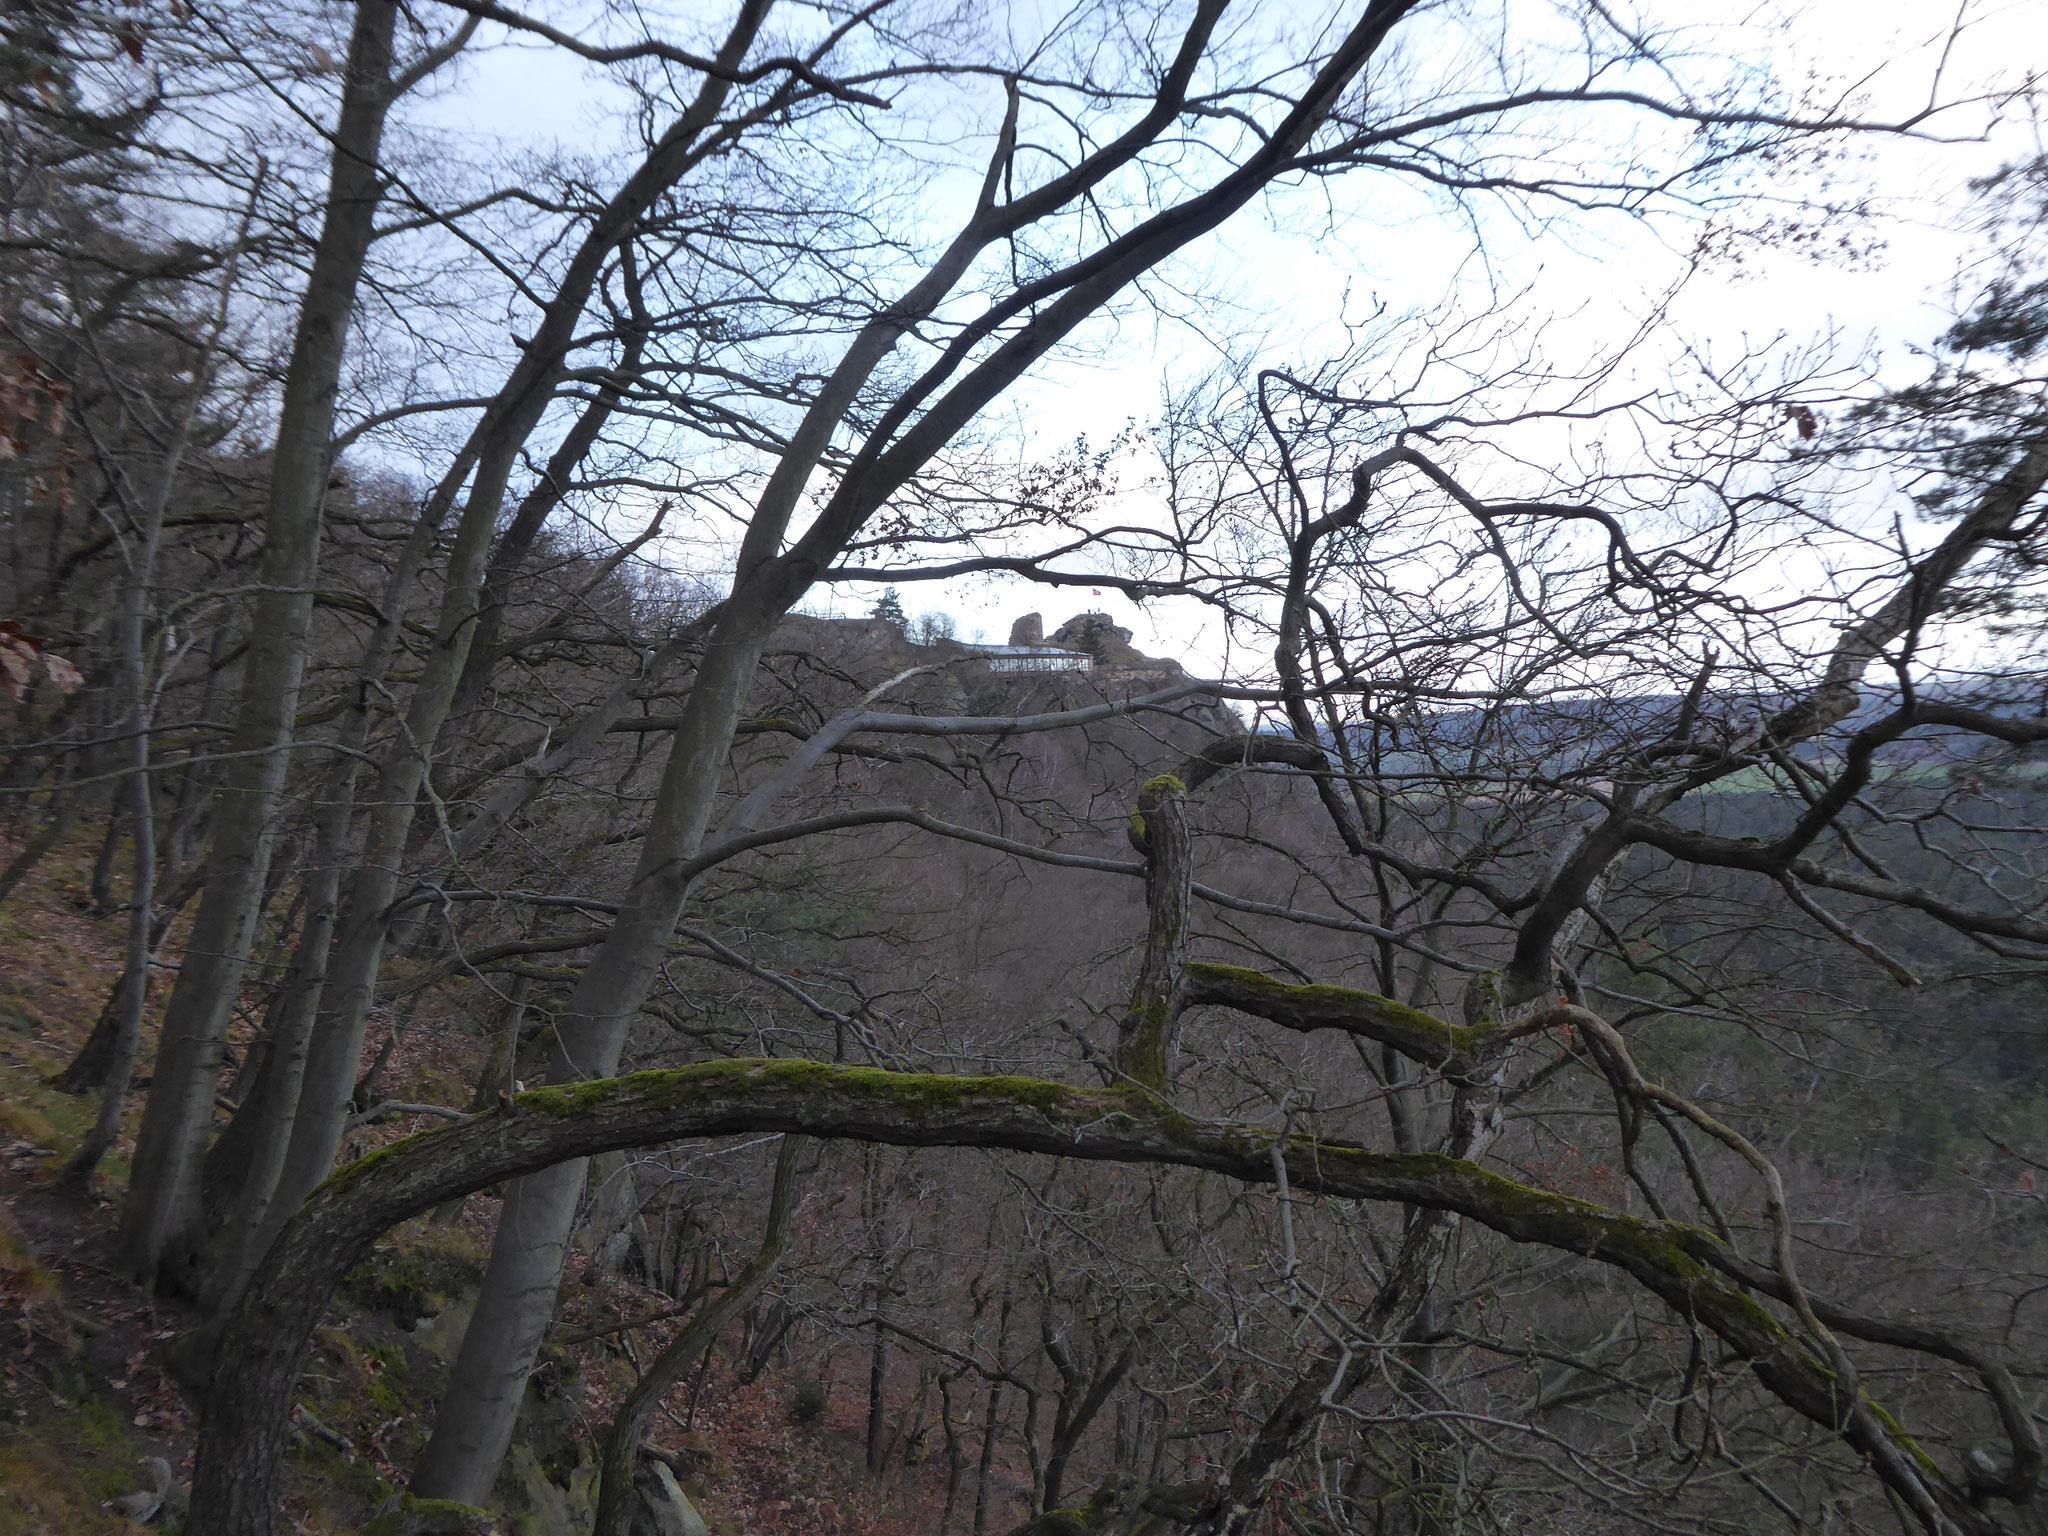 Links an der Kante ist das Restaurant des Regensteines zu sehen.